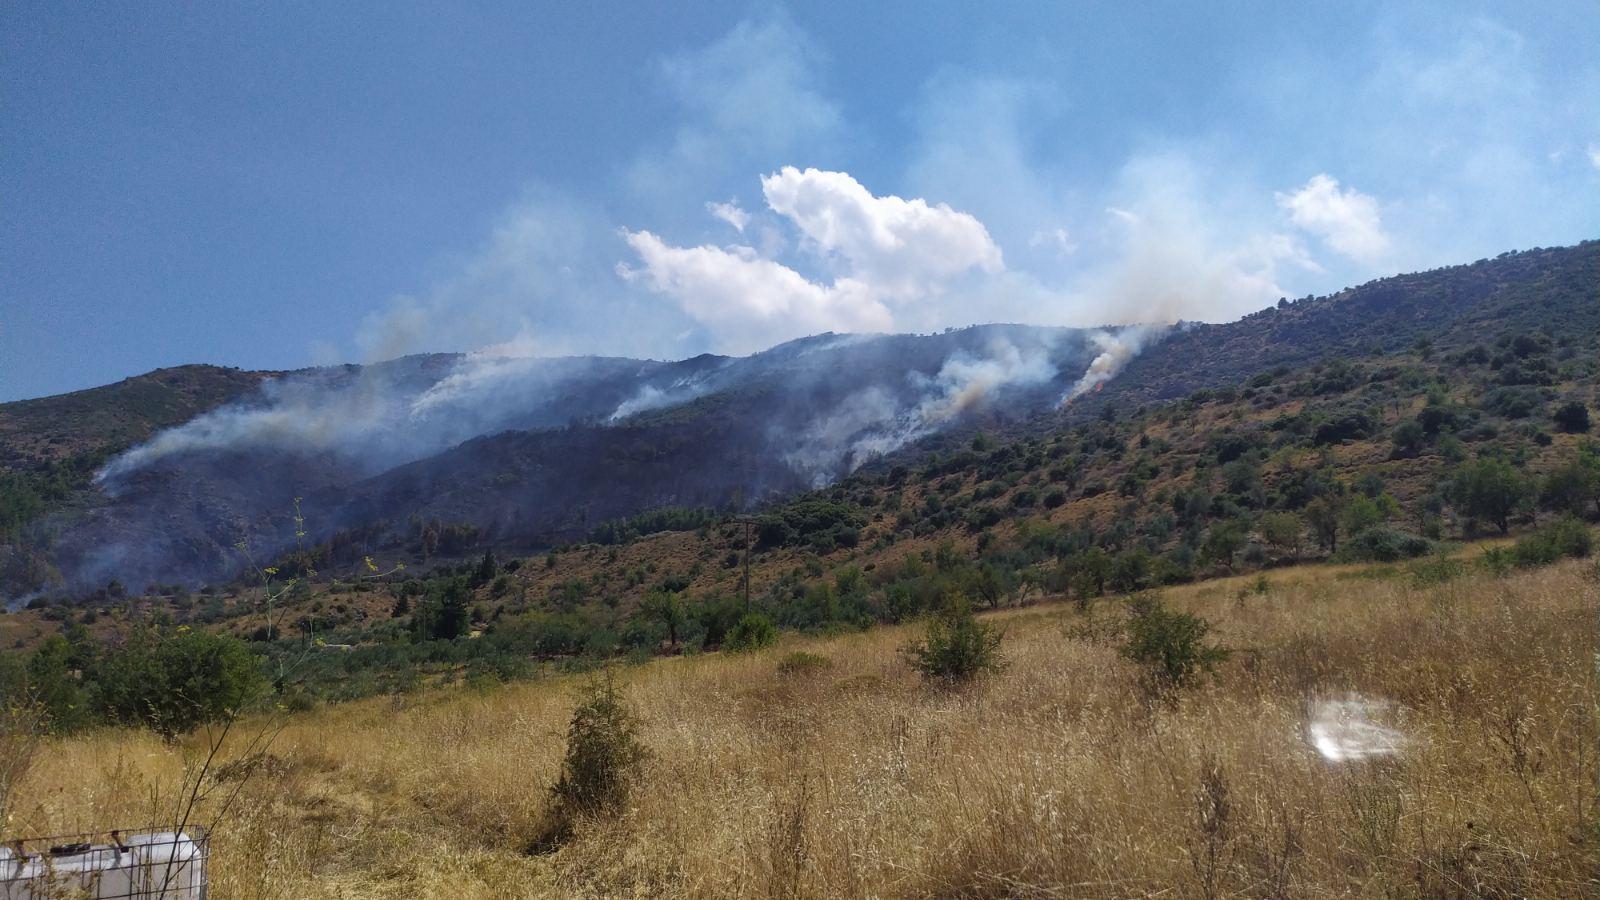 Σχεδόν 30 δασικές πυρκαγιές το τελευταίο 24ωρο